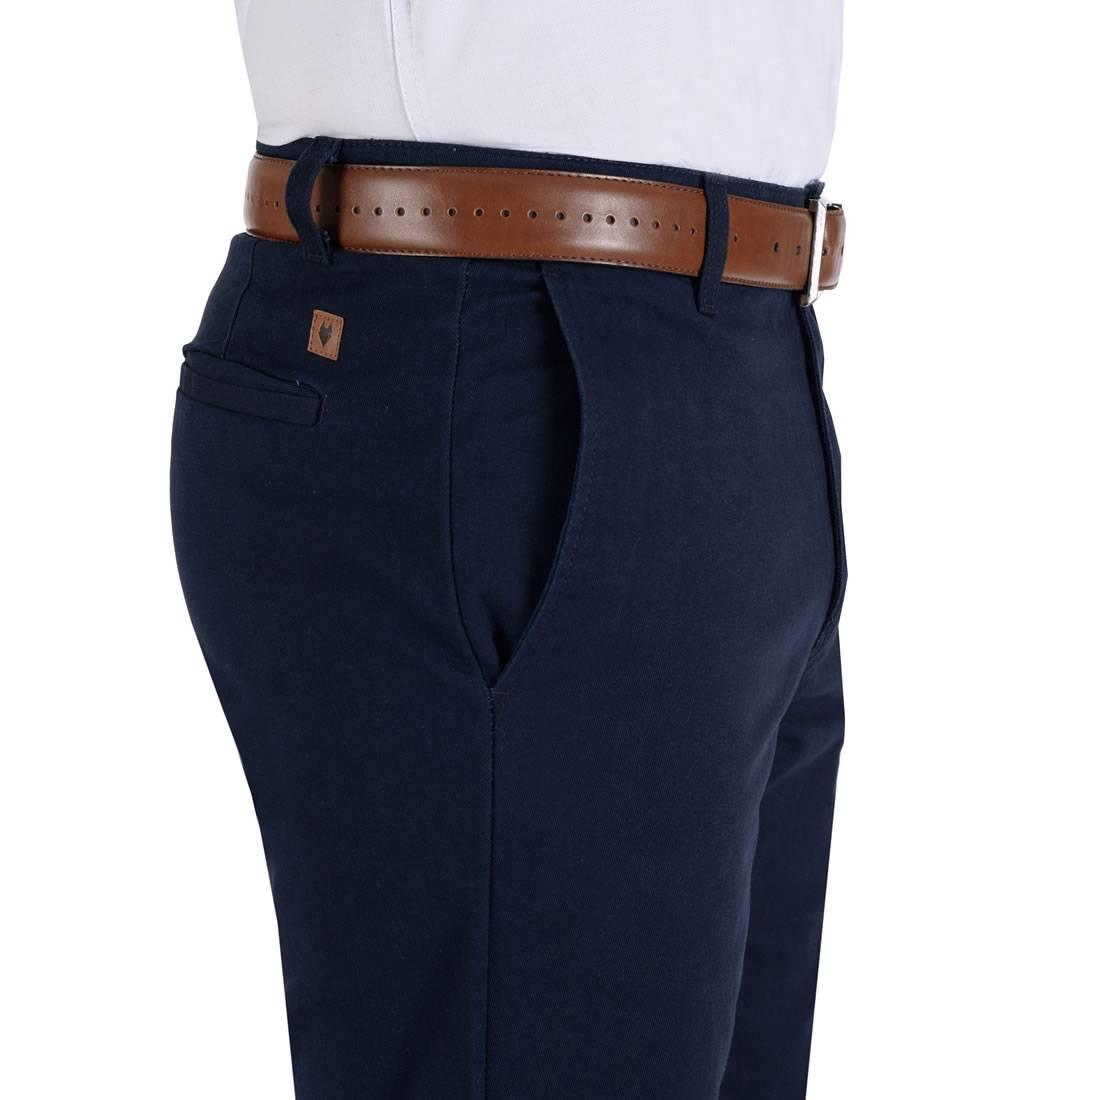 010811074419-04-Pantalon-Casual-Sin-Pinzas-Classic-Fit-Marino-yale